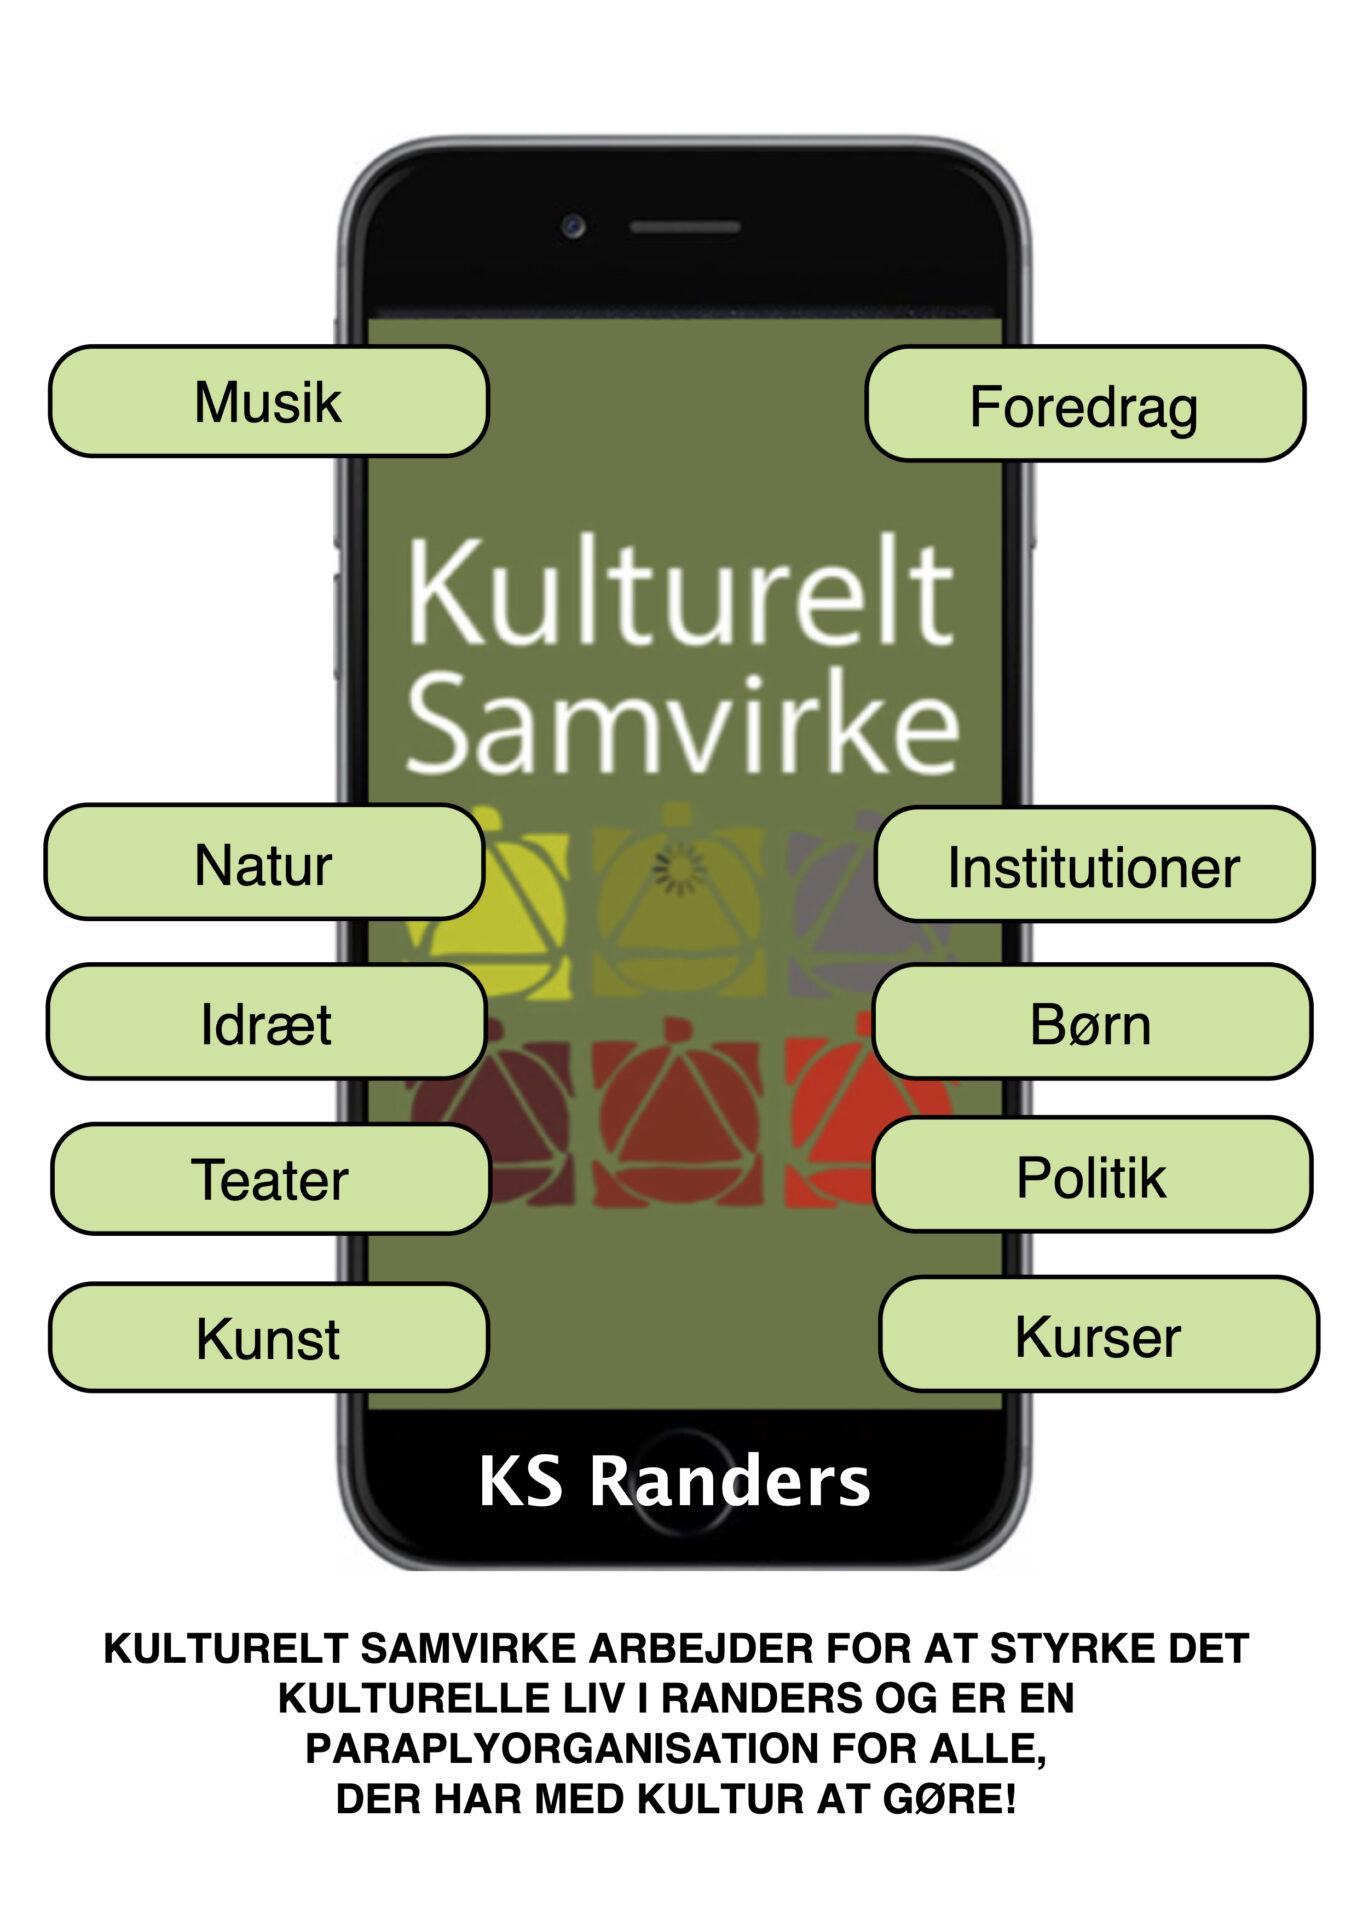 Download KS Randers Appen